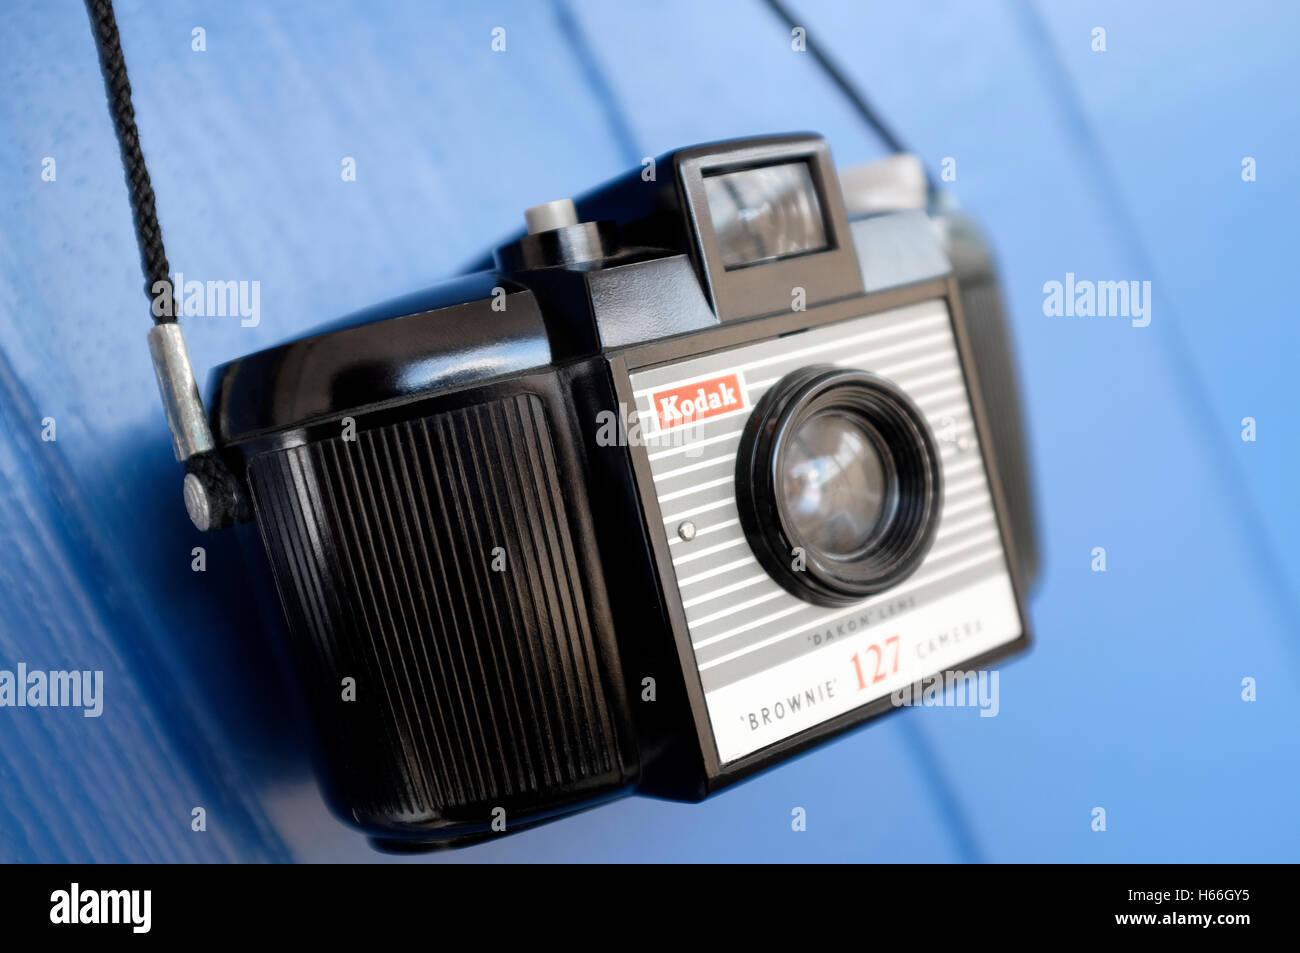 kodak brownie 127 camera - Stock Image